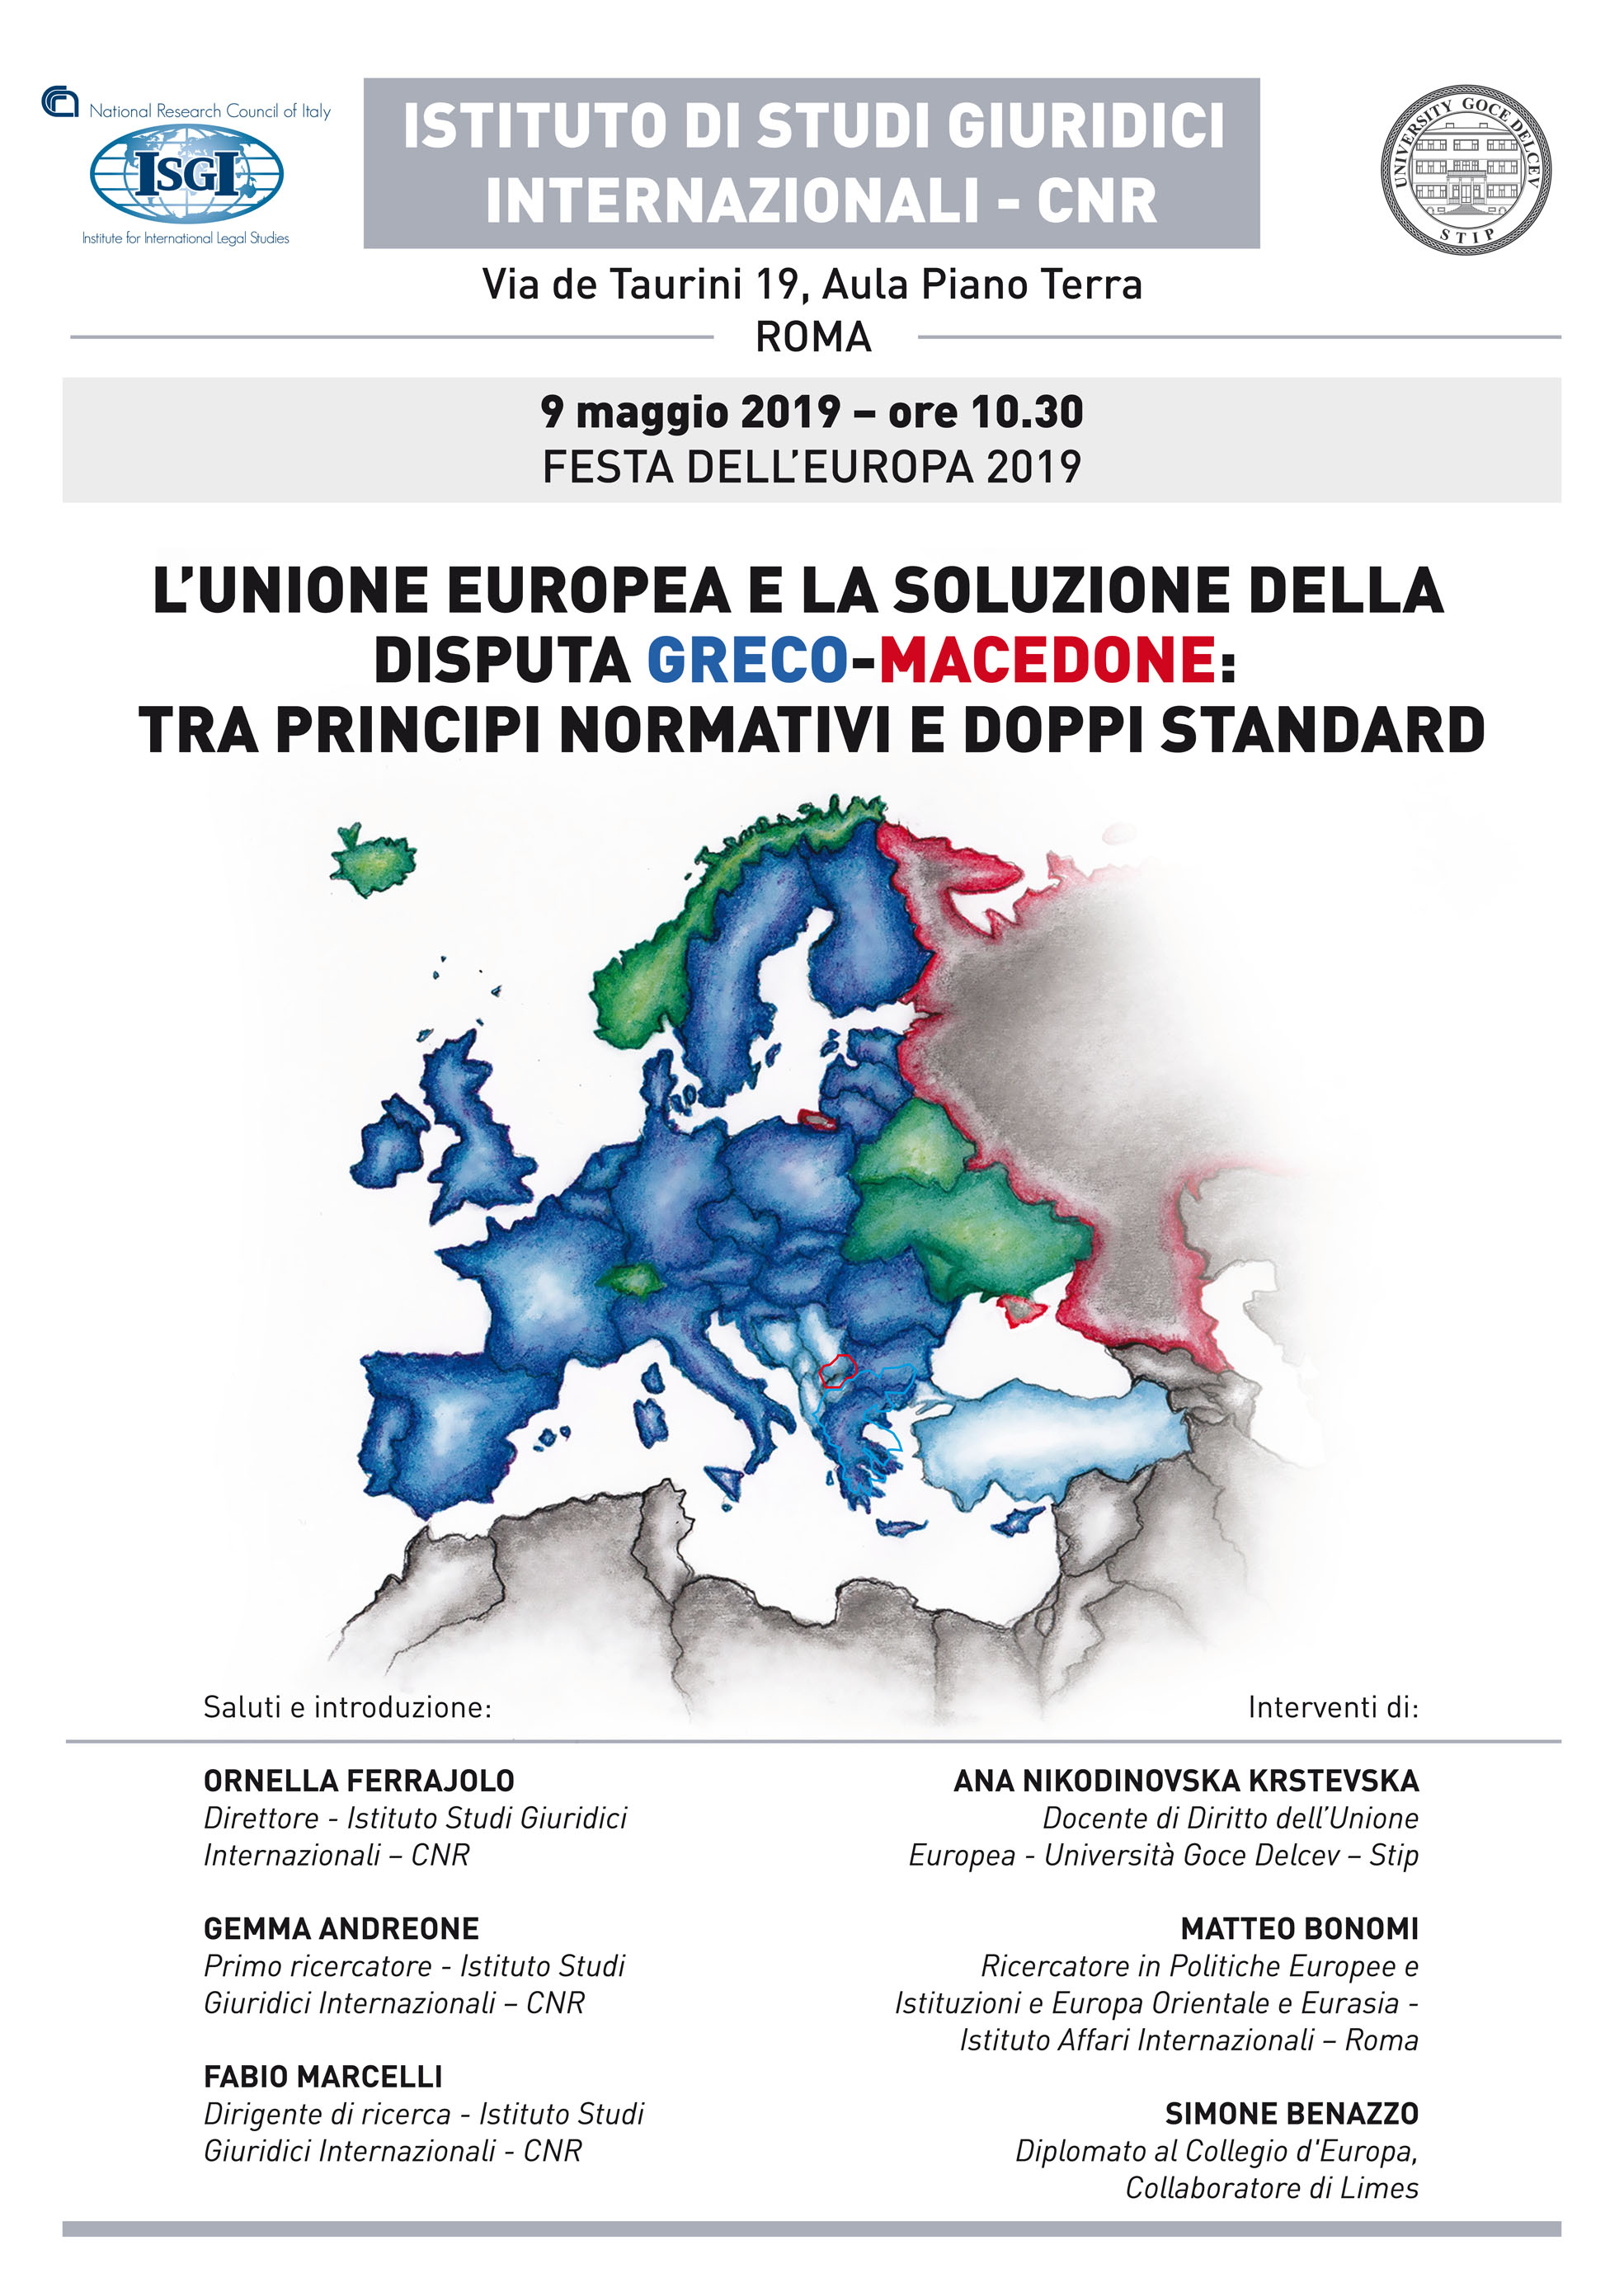 L'Unione europea e la soluzione della disputa greco-macedone: tra principi normativi e doppi standard 9 maggio 2019, Roma